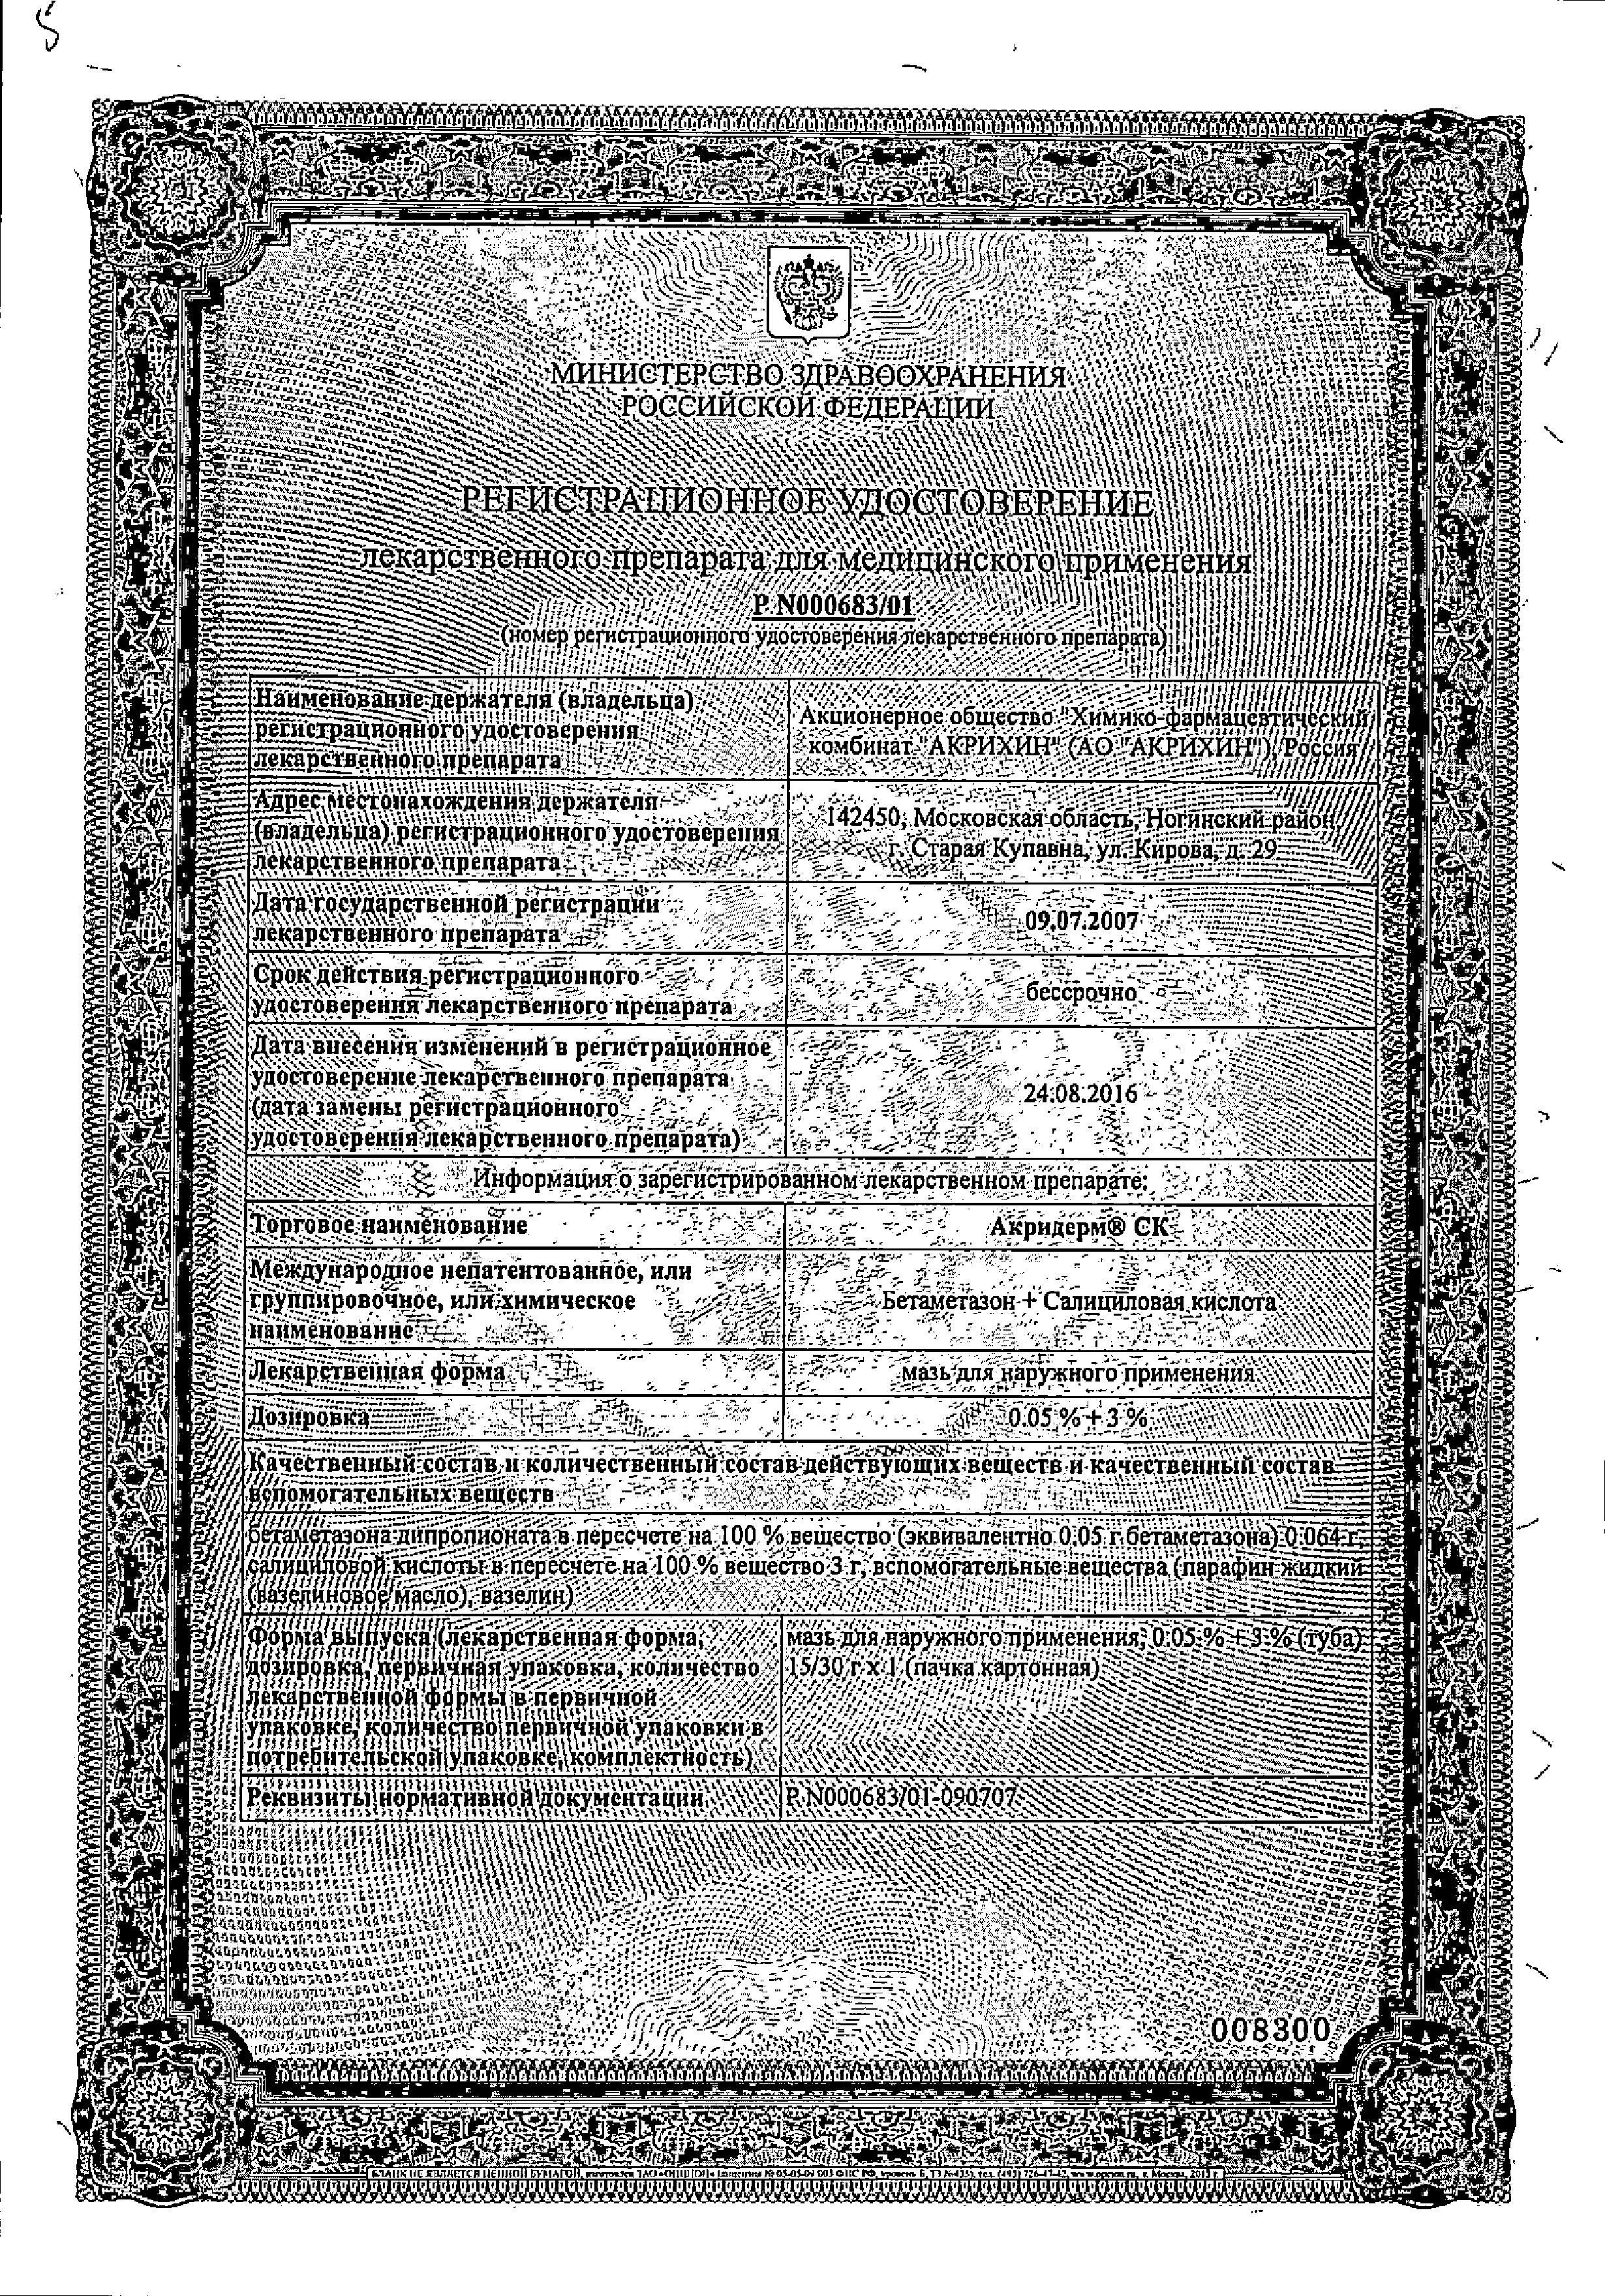 Акридерм СК сертификат